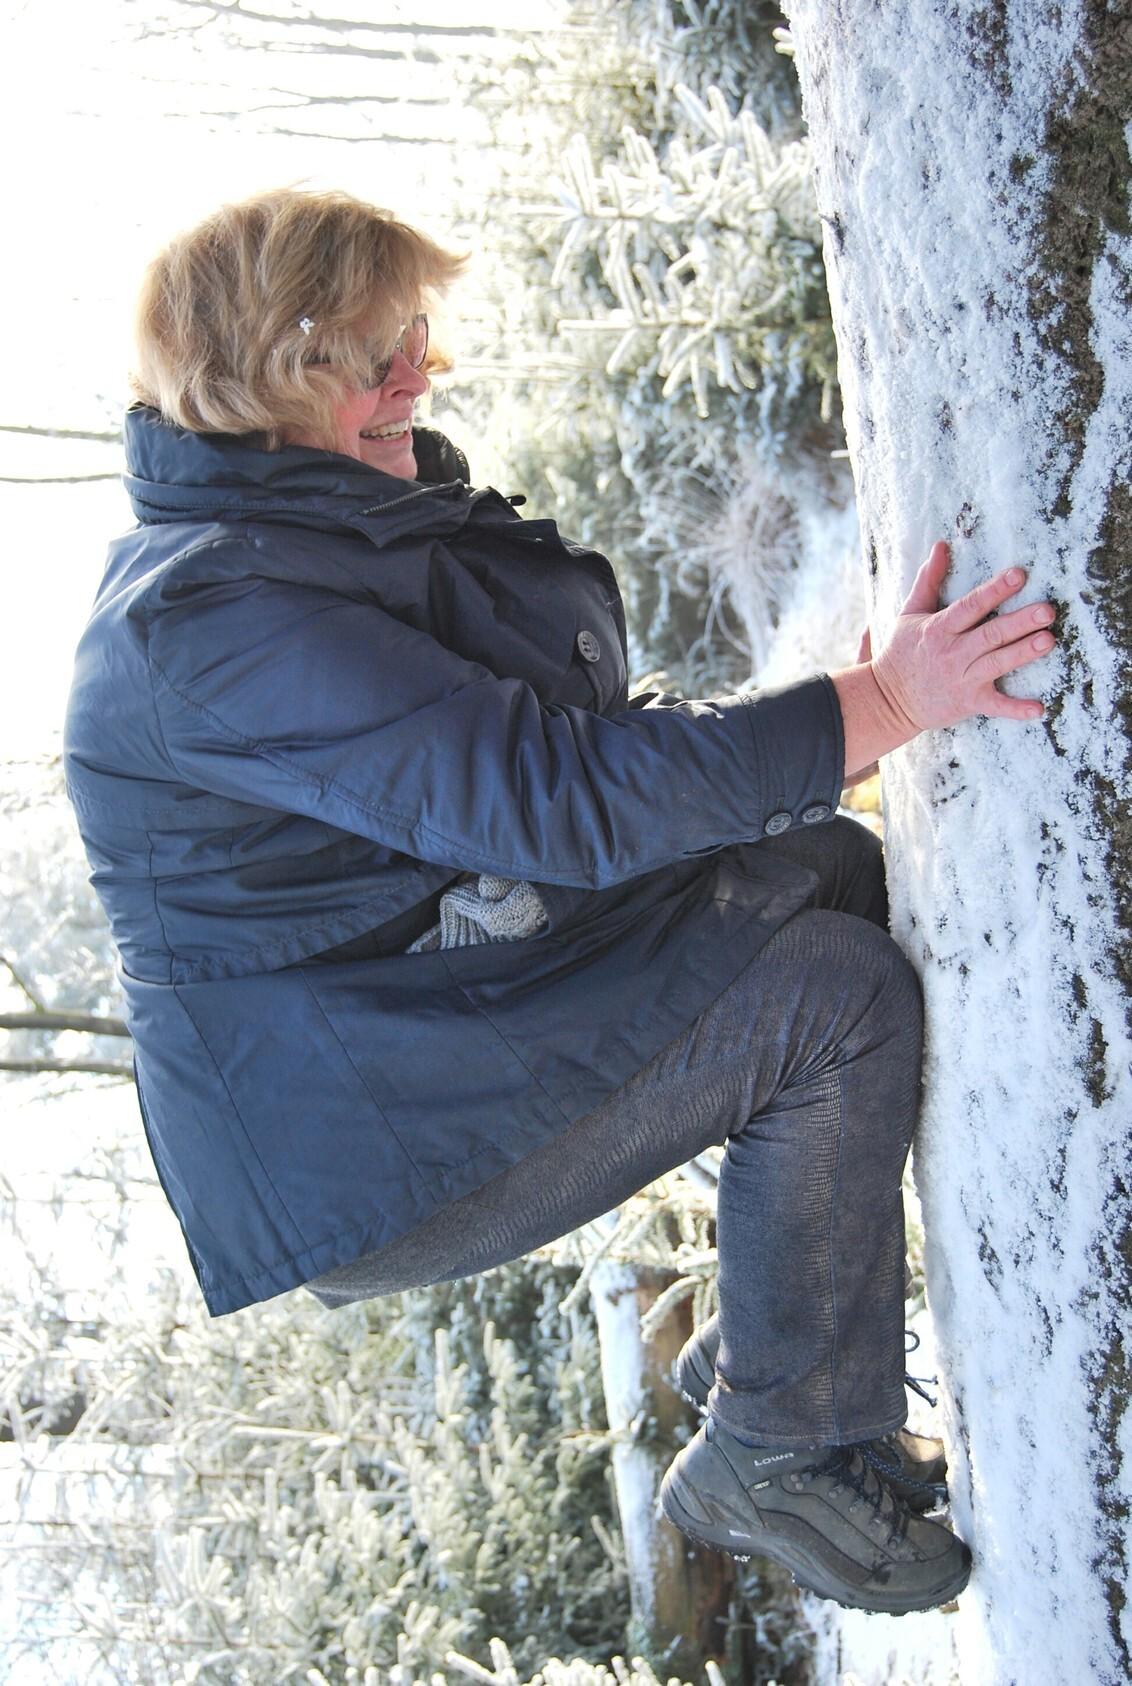 IMG_20170125_132240 - IJsklimmen op de Kale Duinen On my way tot the ..... - foto door calonnebol op 25-01-2017 - deze foto bevat: boom, licht, hart, sneeuw, knipoog, winter, landschap, beweging, verjaardag, beleving